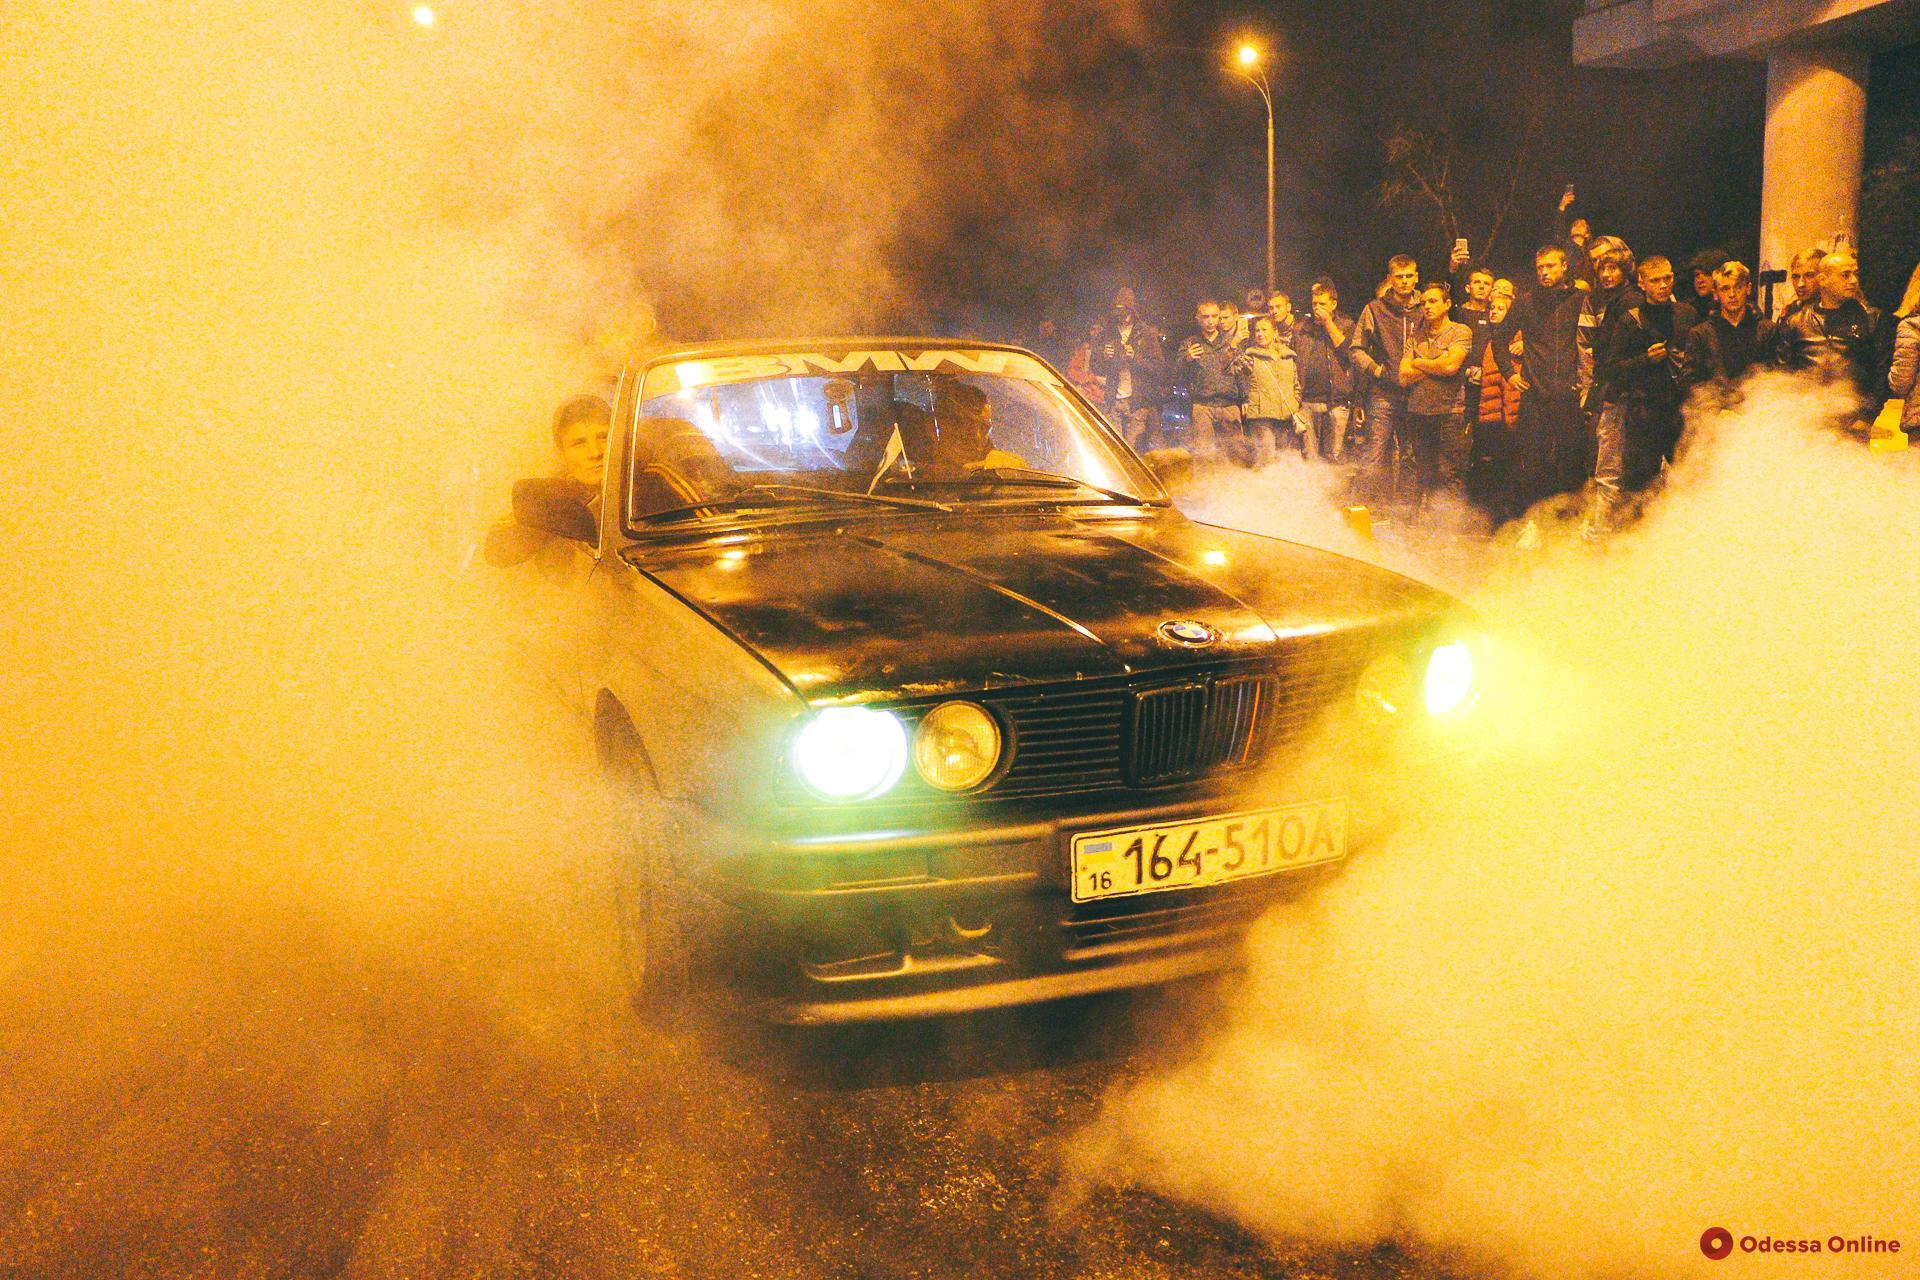 Одесские любители скорости и паленой резины: экстремальные ночные гонки под мостом (фото, видео)